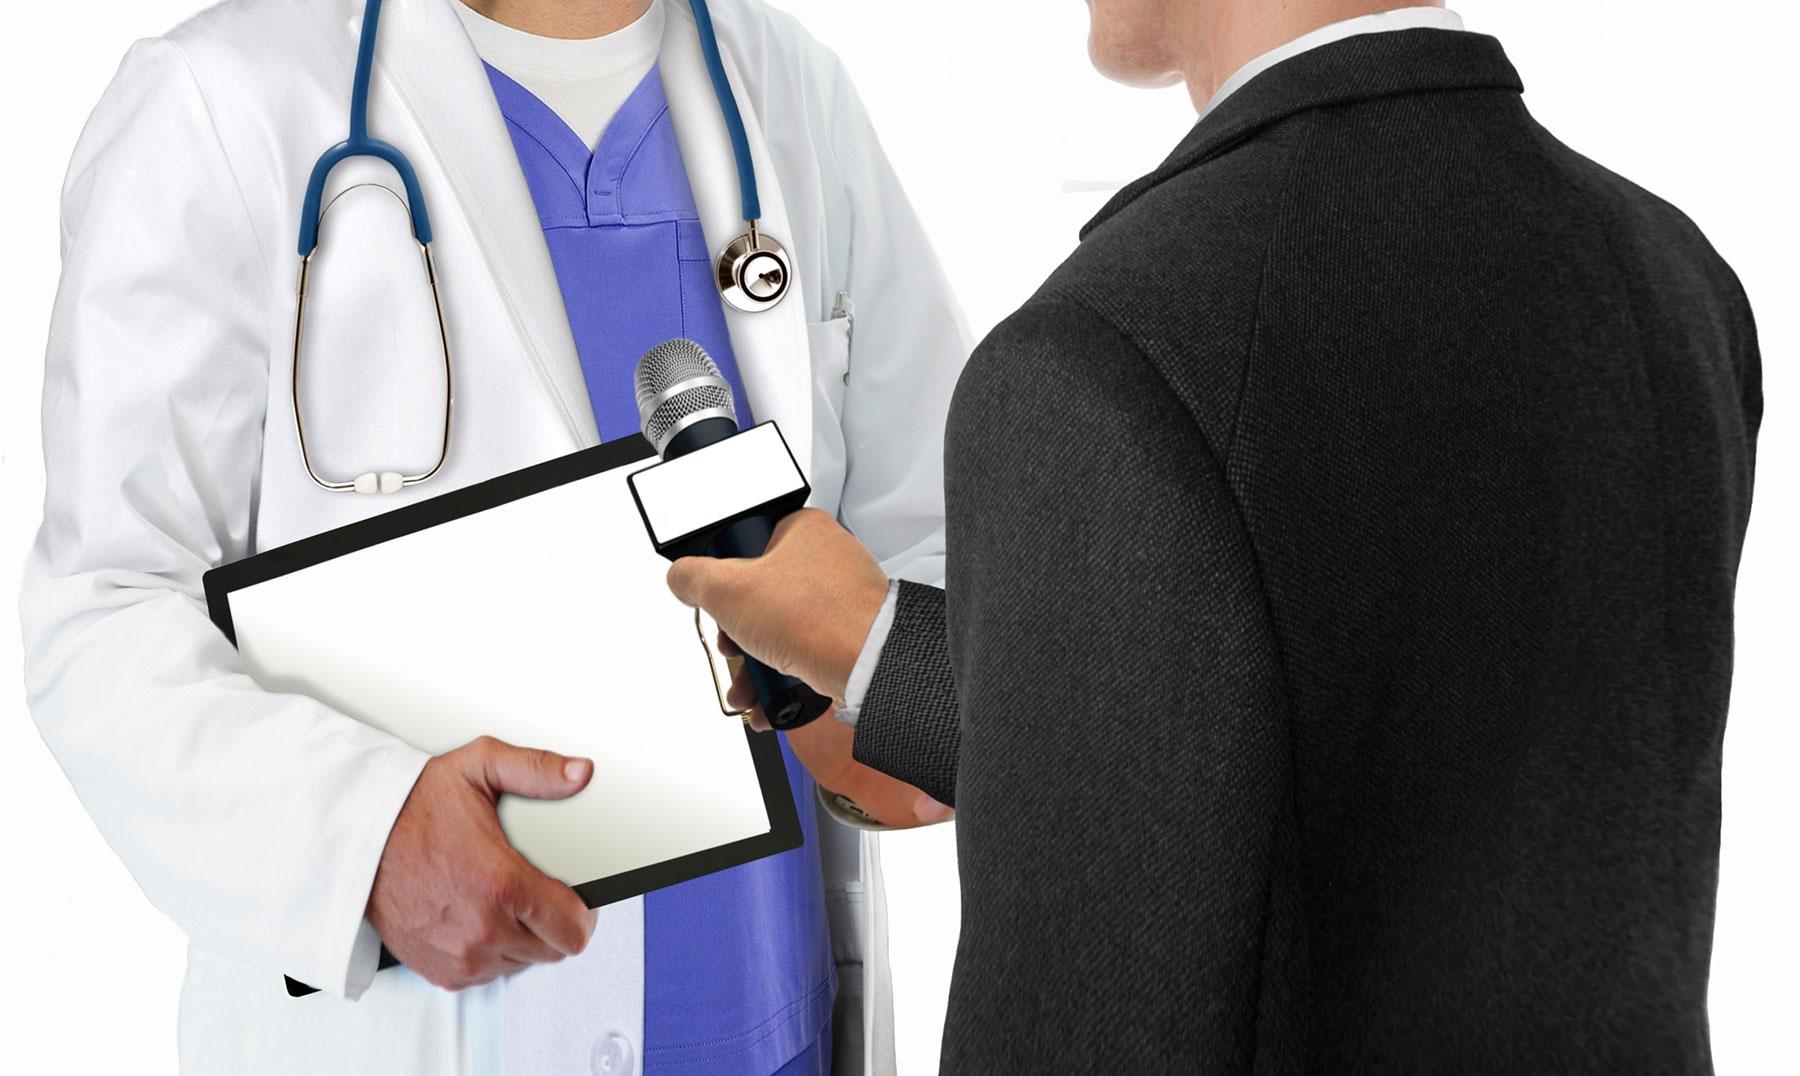 shutterstock 222632617 - Doç. Dr. Berrin Pehlivan İle Kanser Hastalıkları Ve Tedavi Yöntemleri Hakkında Söyleşi Yapılıyor